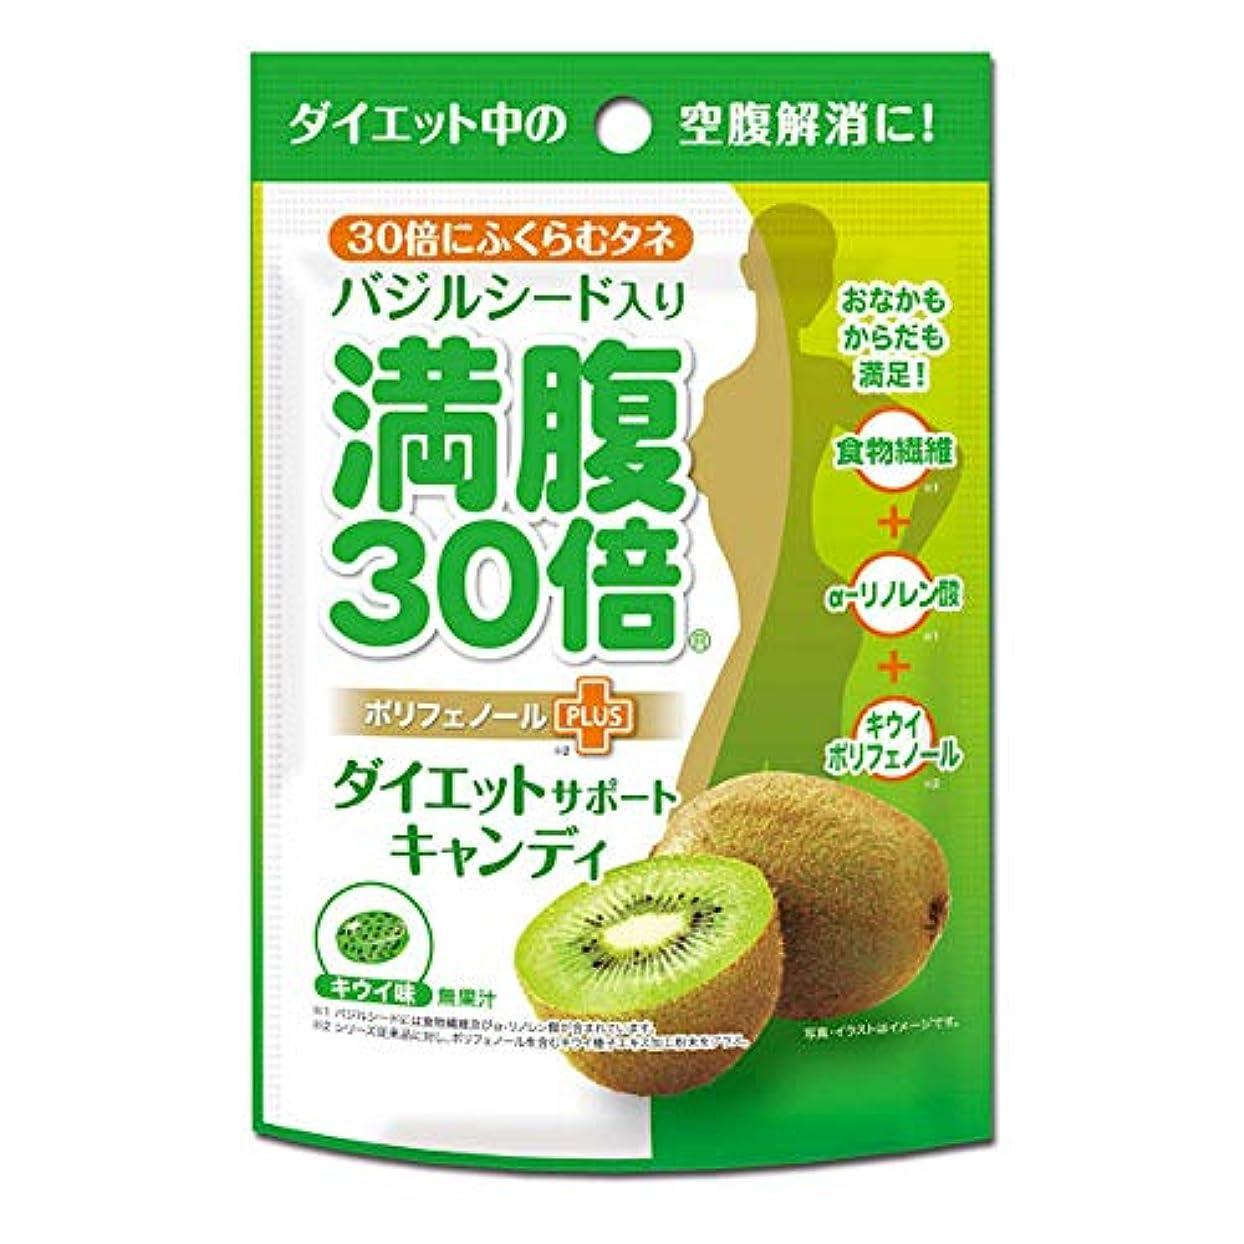 貫入胃刈り取る満腹30倍 ダイエットサポートキャンディ キウイ味 42g 約11粒入